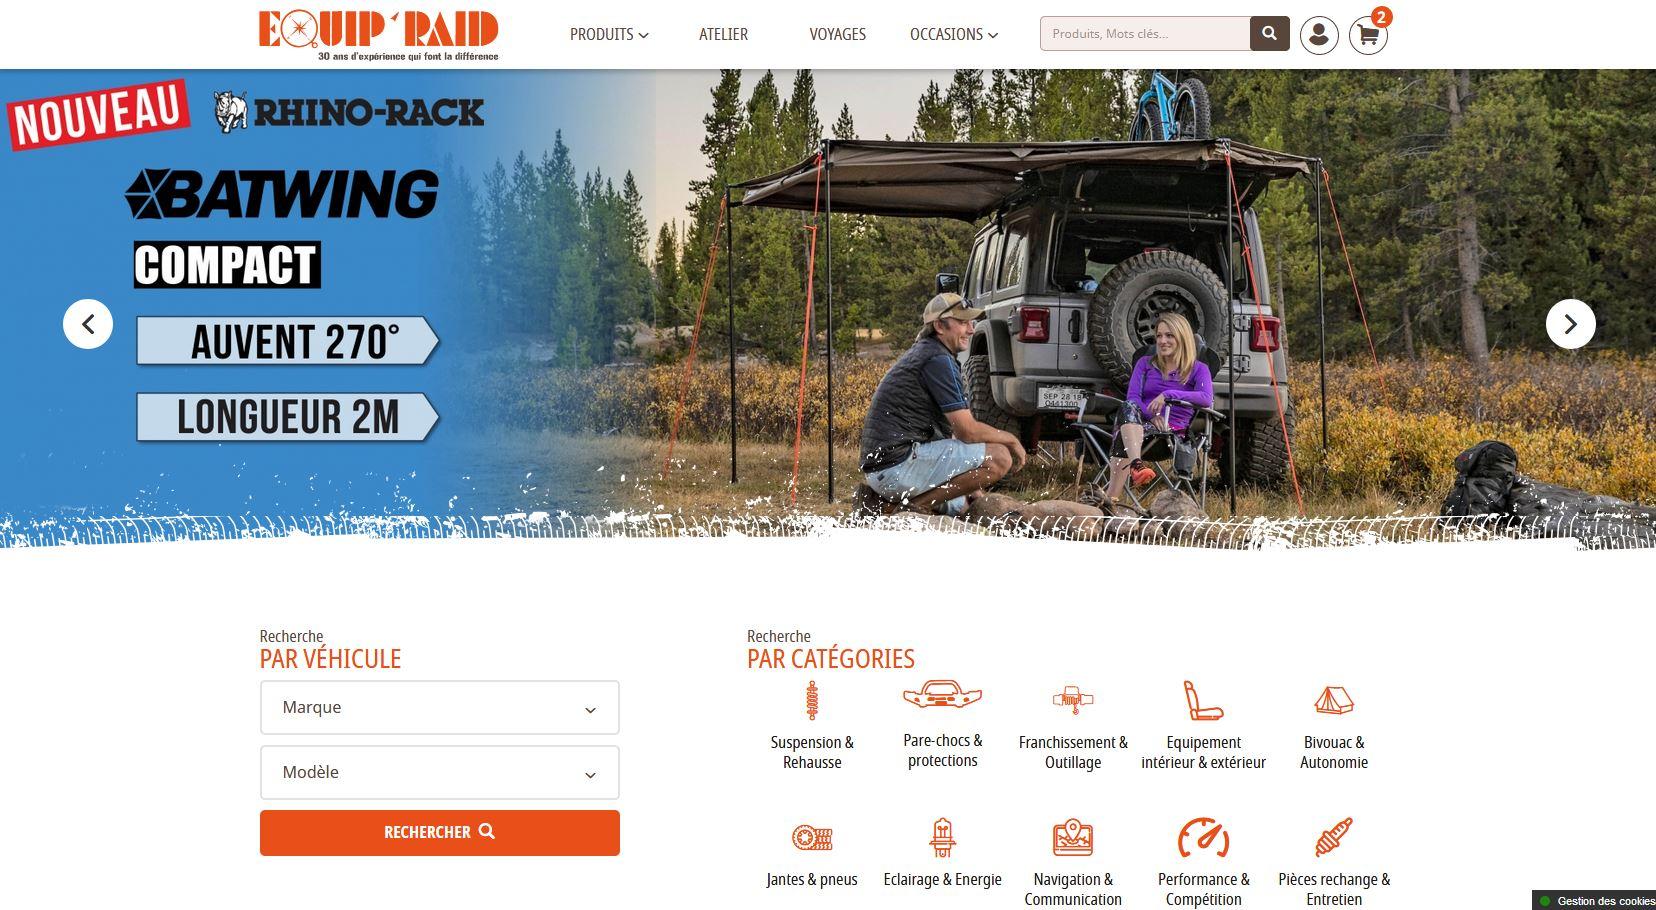 Equip'Raid ouvre son nouveau site internet